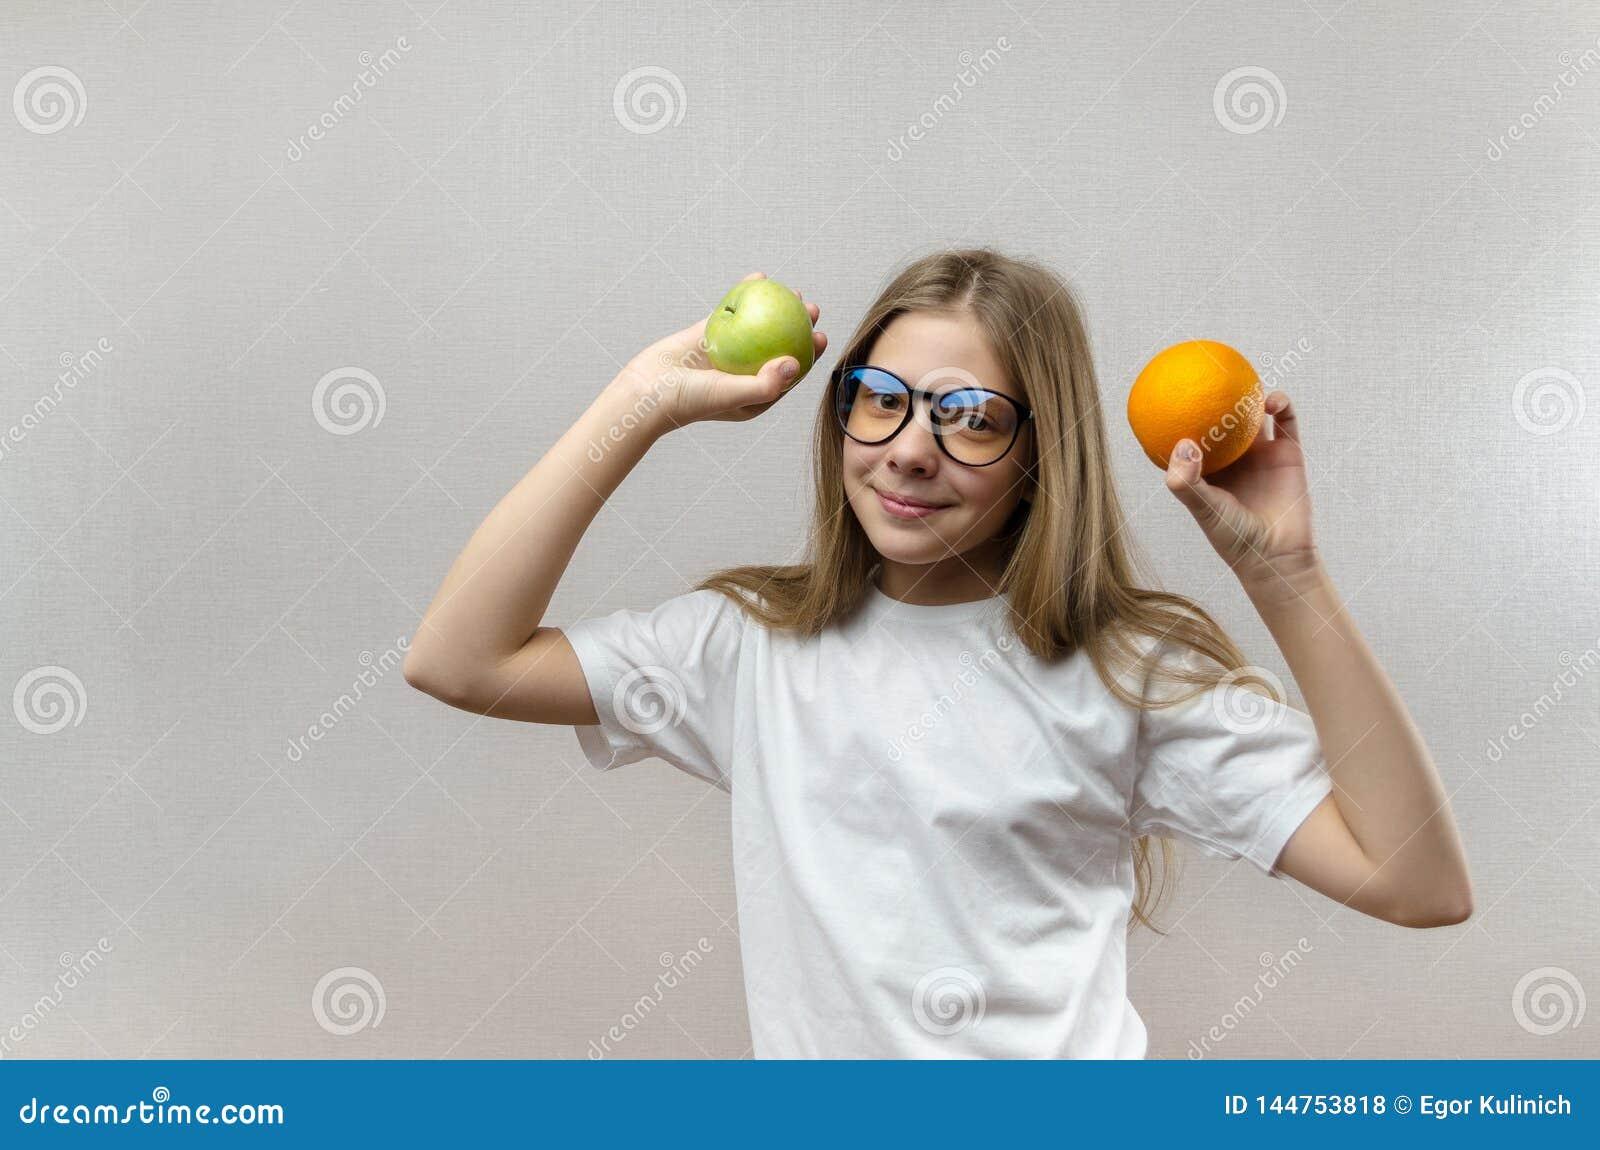 Красивая белокурая девушка в белой футболке усмехается и держится яблоко и апельсин в ее руках Здоровое питание для